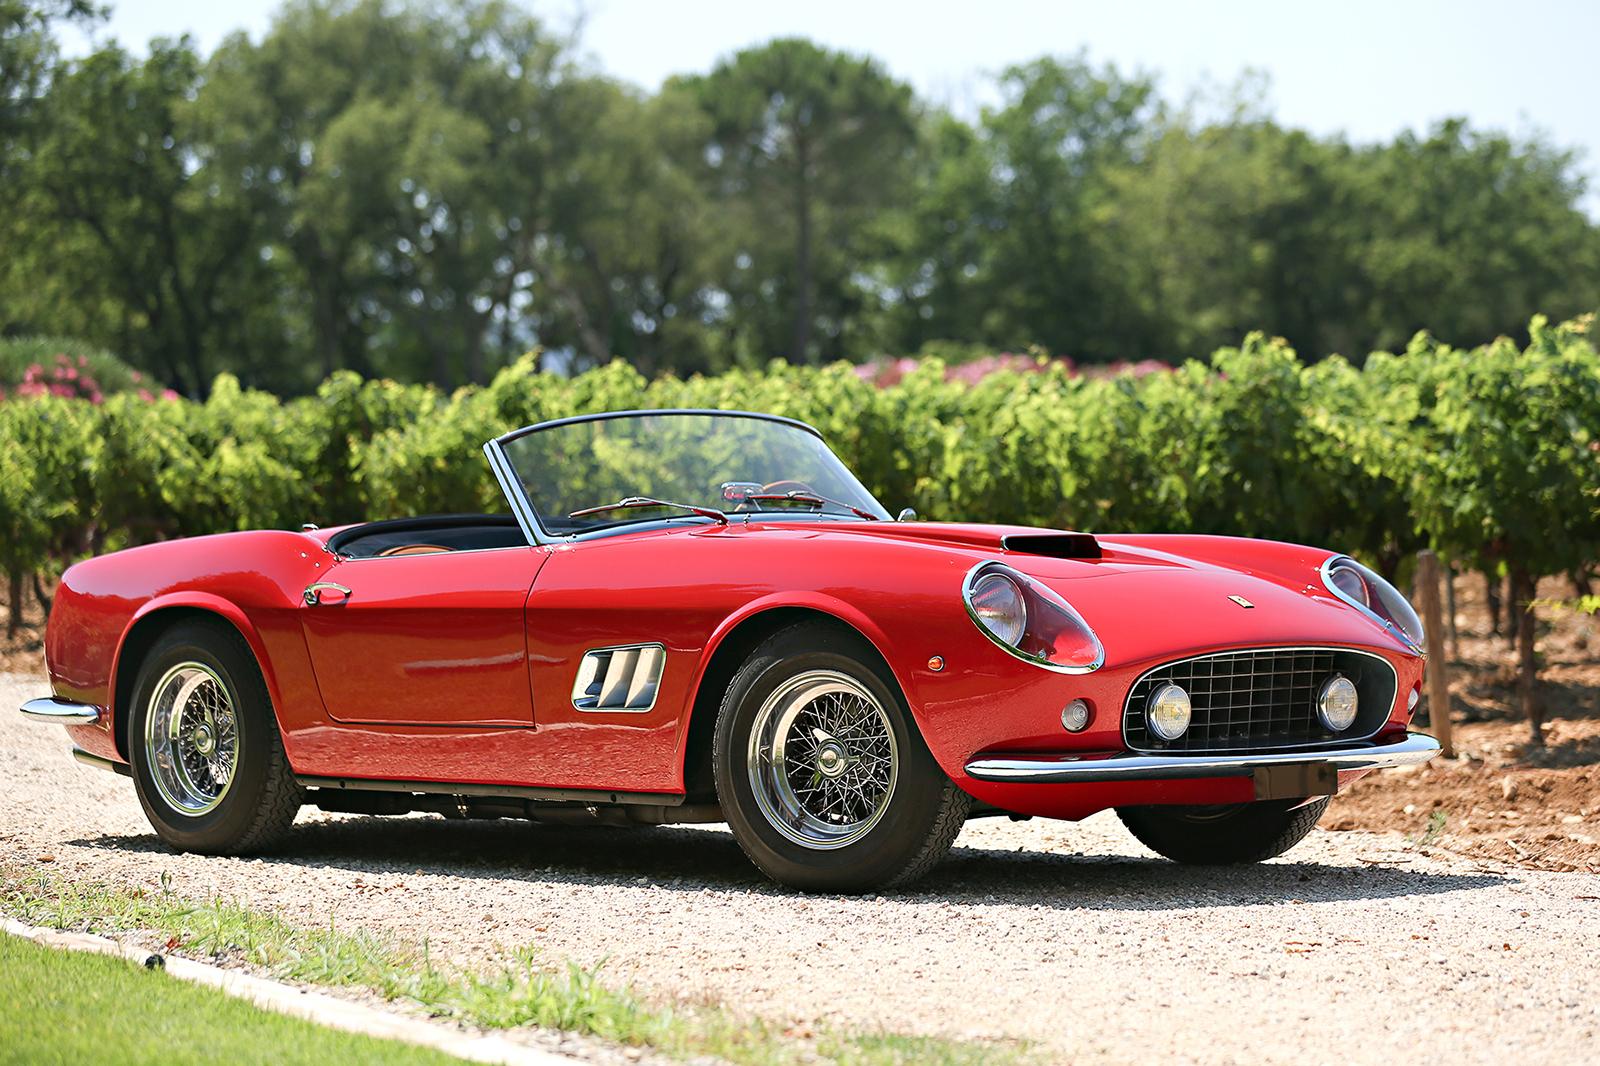 9. Ferrari 250 GT SWB California Spider